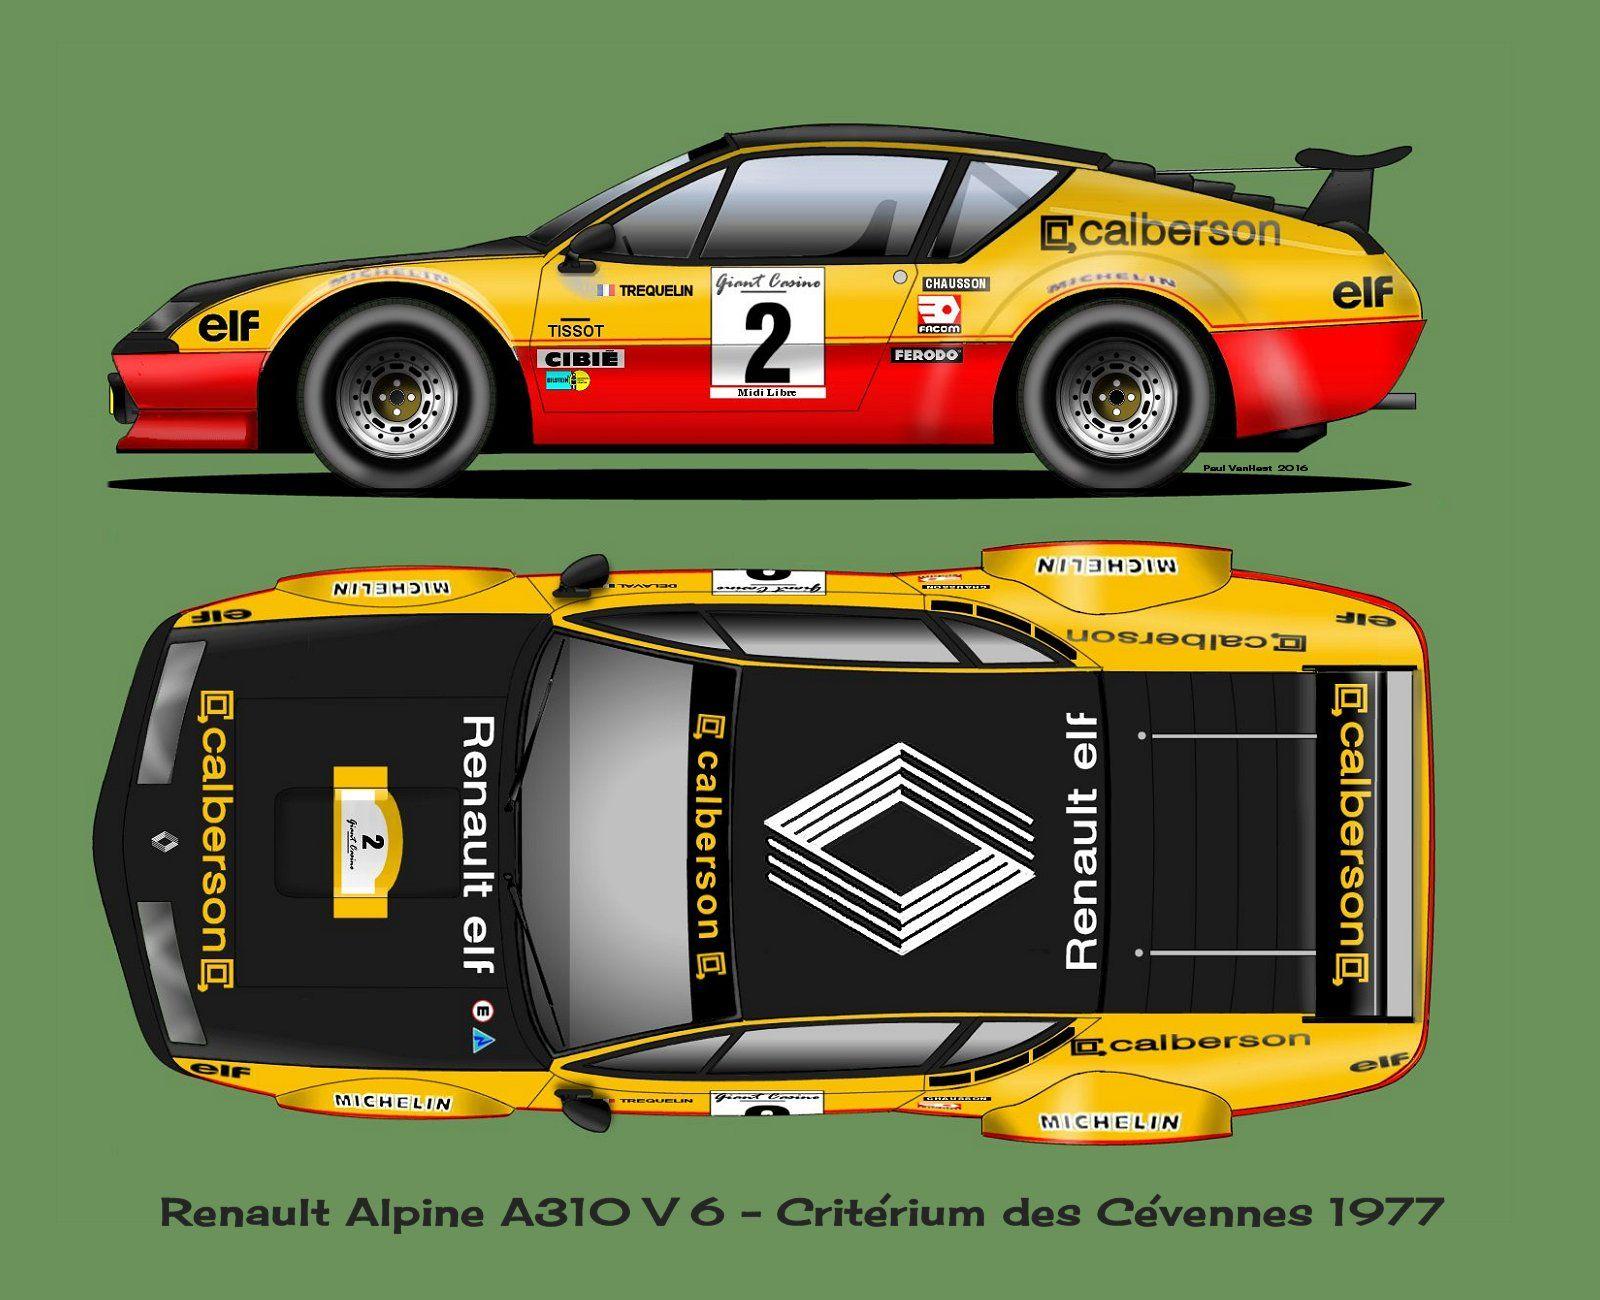 Renault alpine a310 voiture de legende pinterest - Dessin de aloine ...